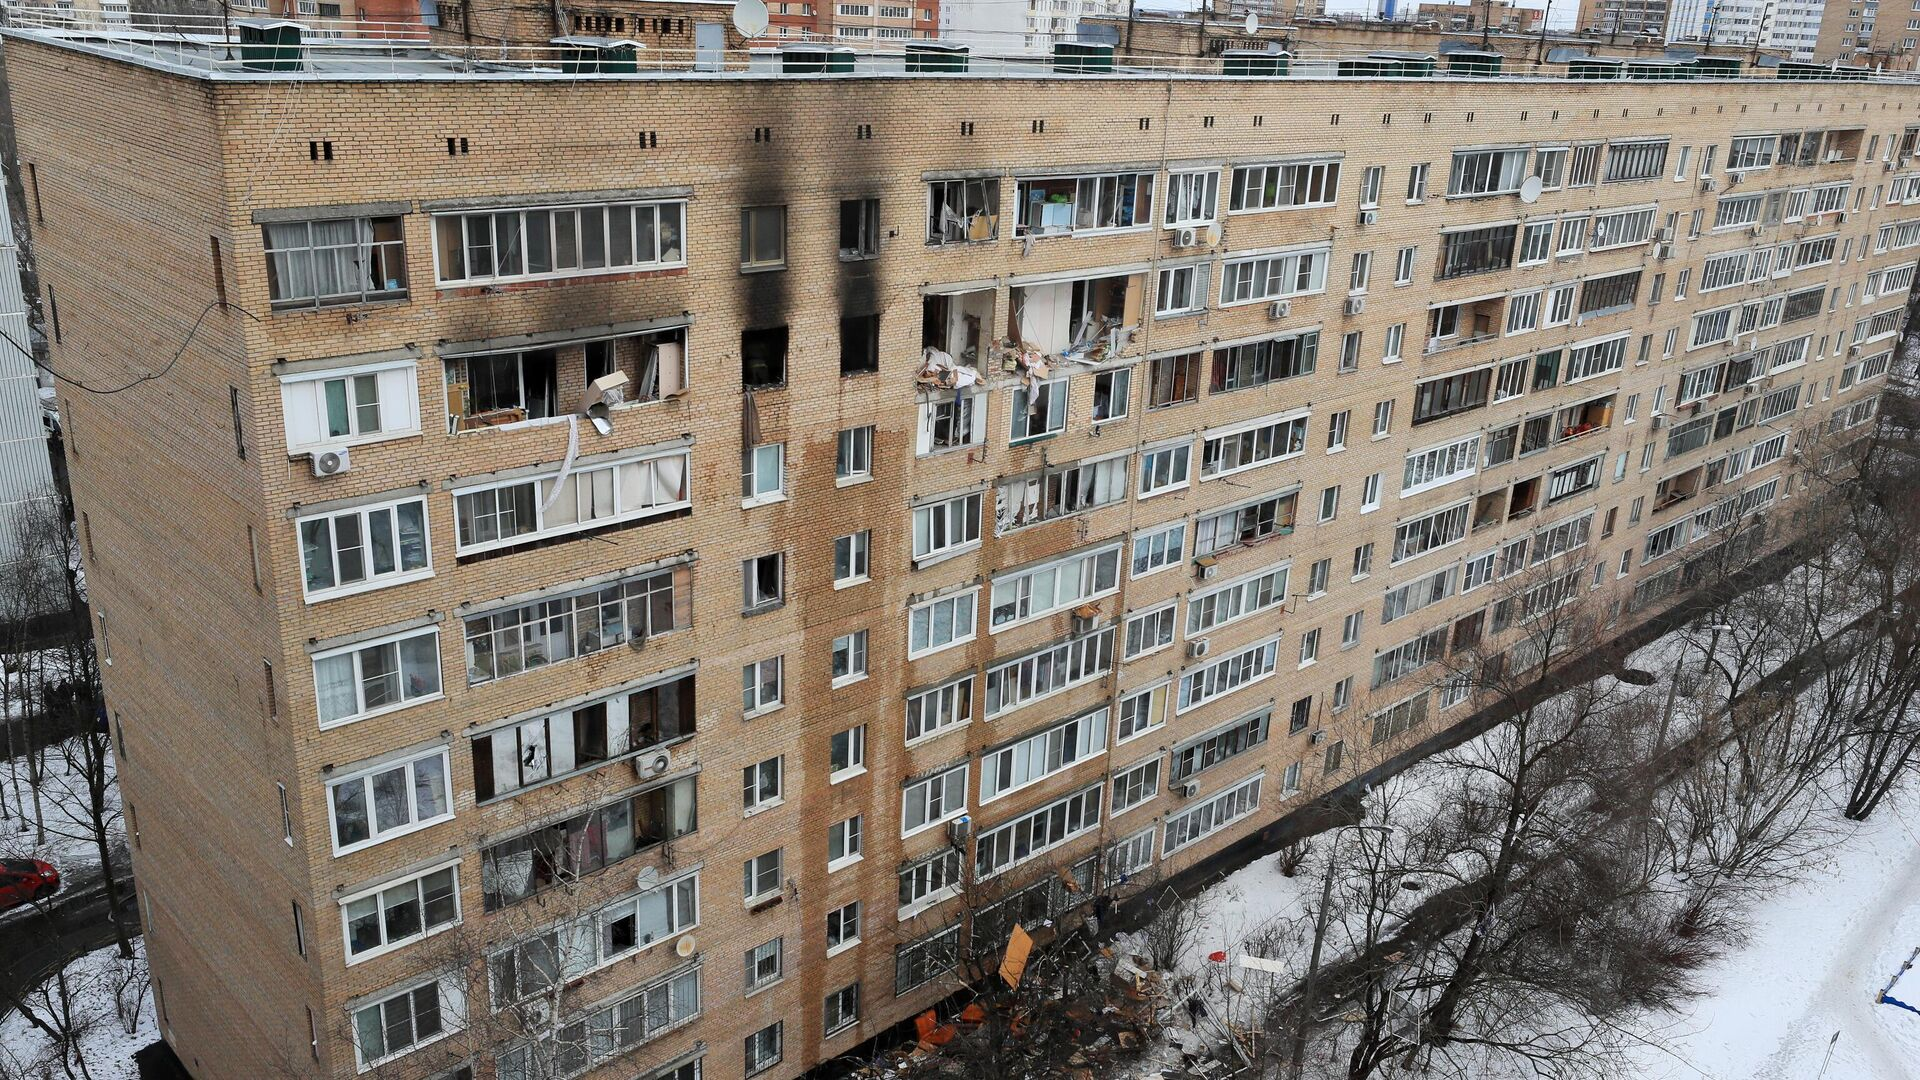 Последствия взрыва в жилом доме на улице Зеленой в Химках - РИА Новости, 1920, 22.03.2021